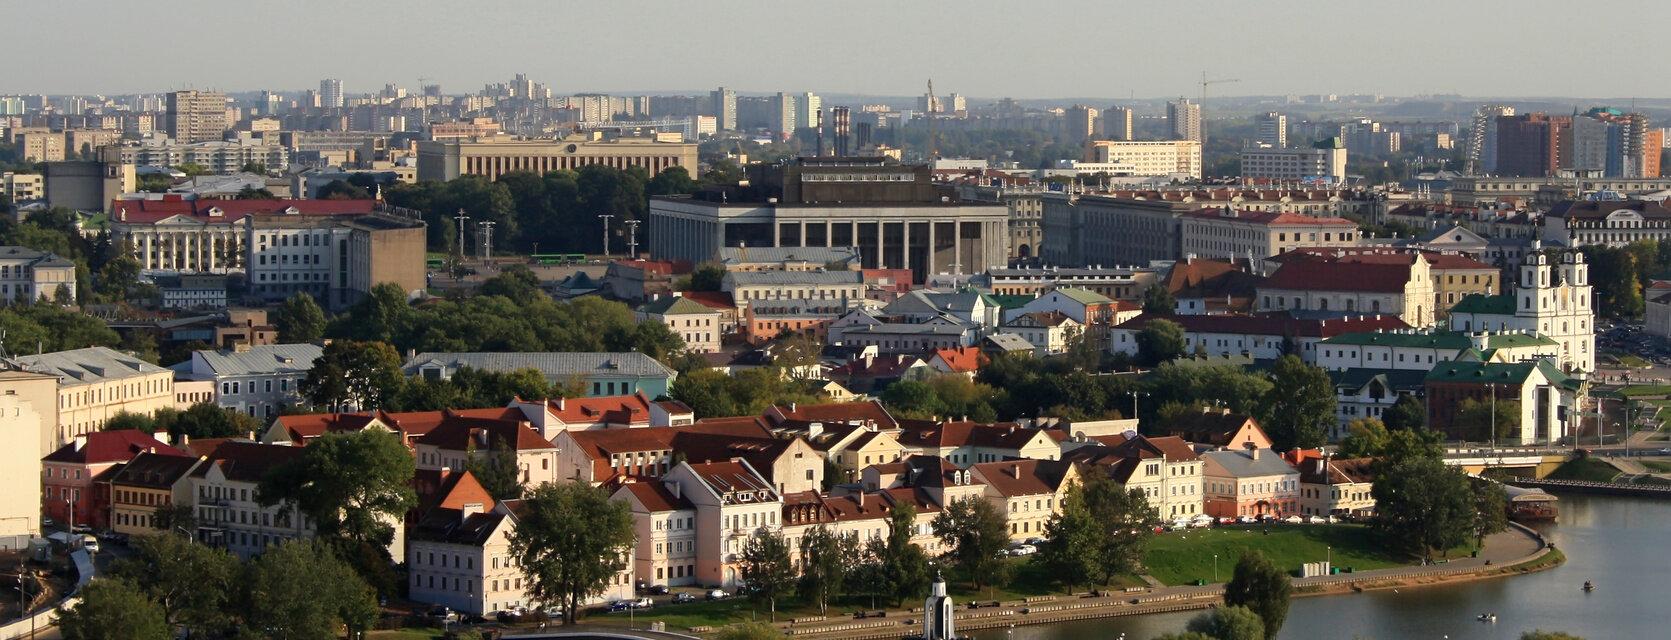 Поиск отелей в Минске